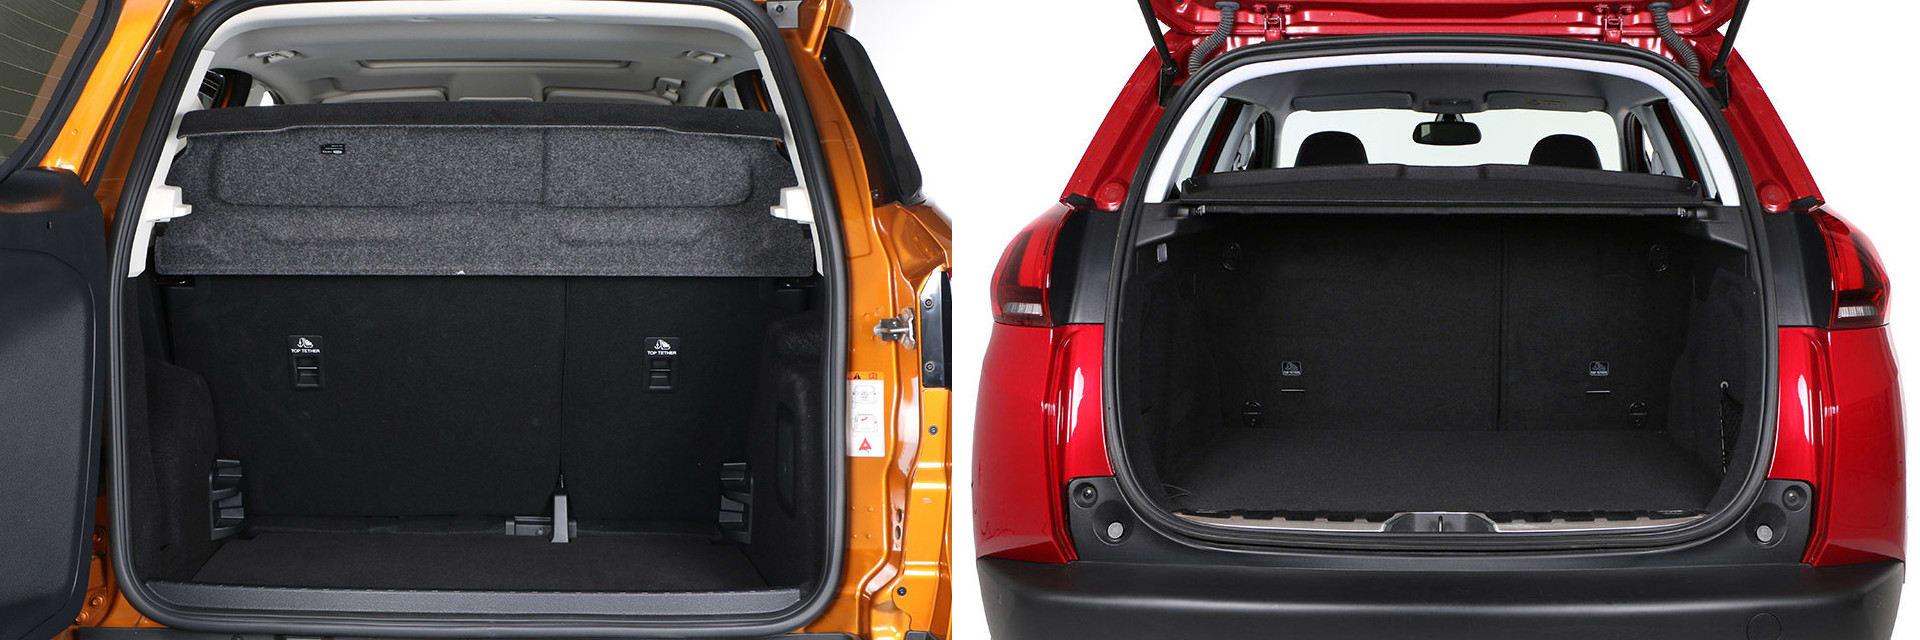 El portón del maletero del Ford EcoSport se abre lateralmente, por lo que es necesario dejar mucho espacio por detrás del coche.